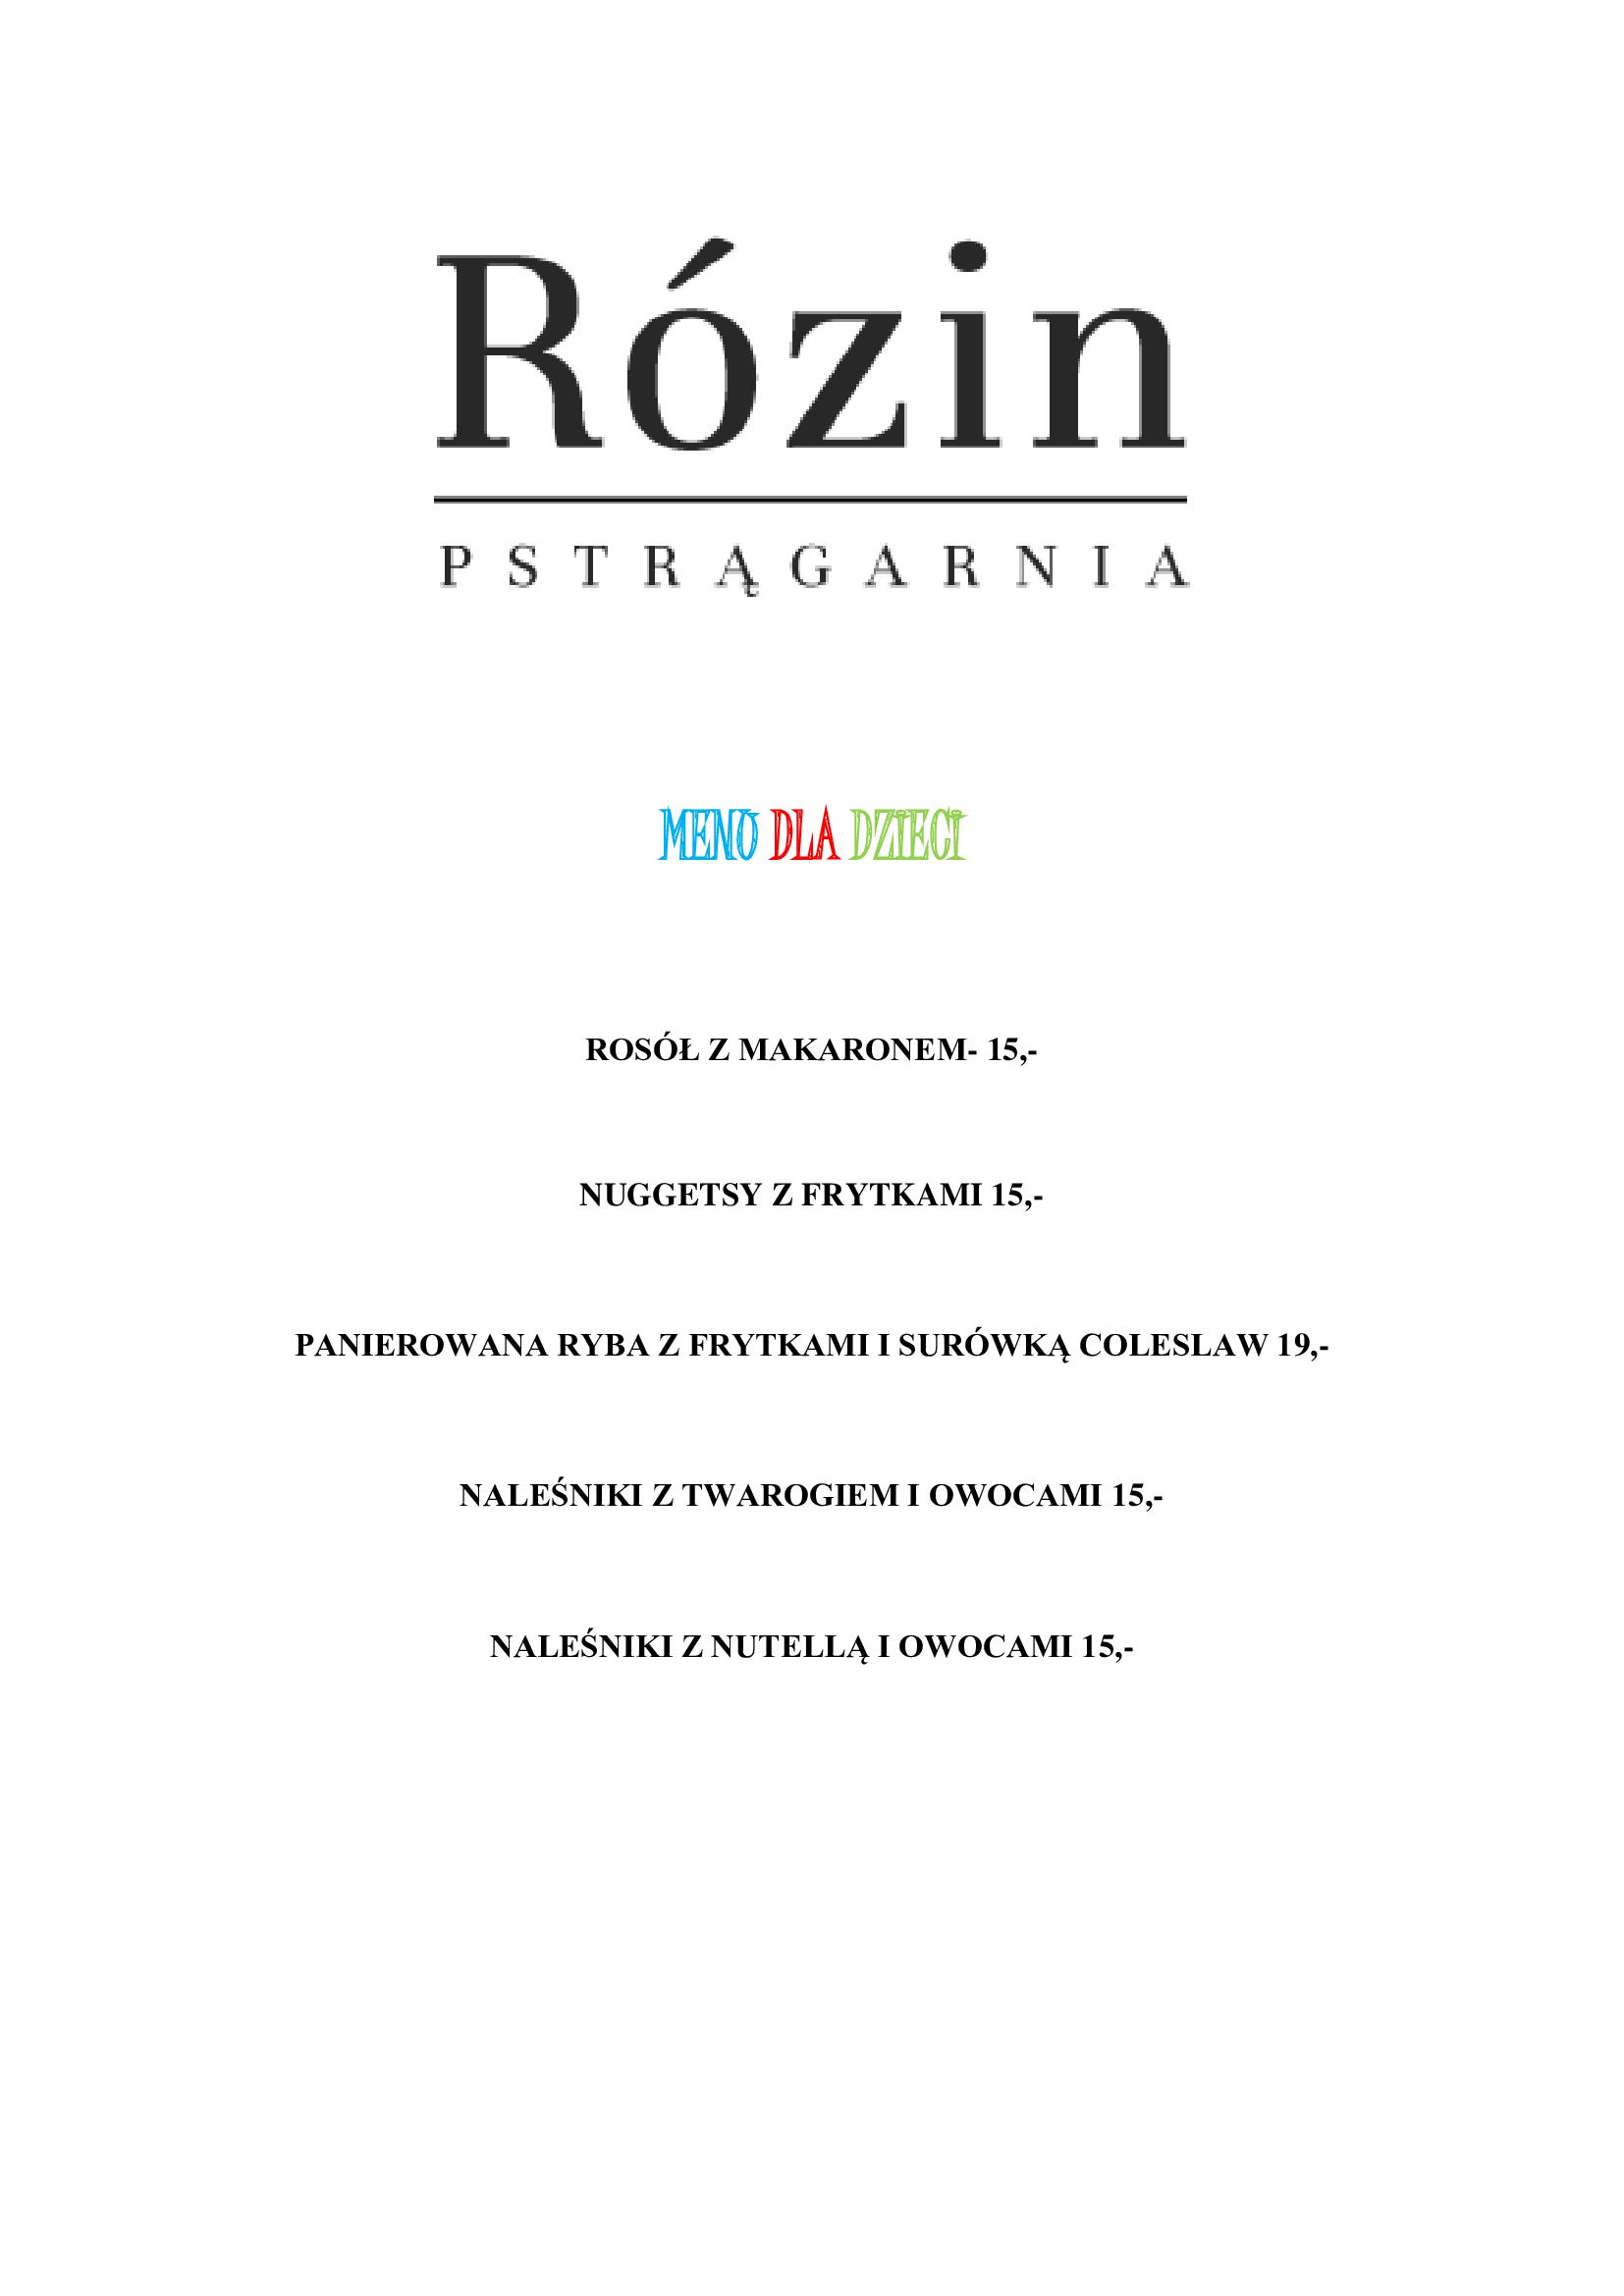 Restauracja Rózin 7